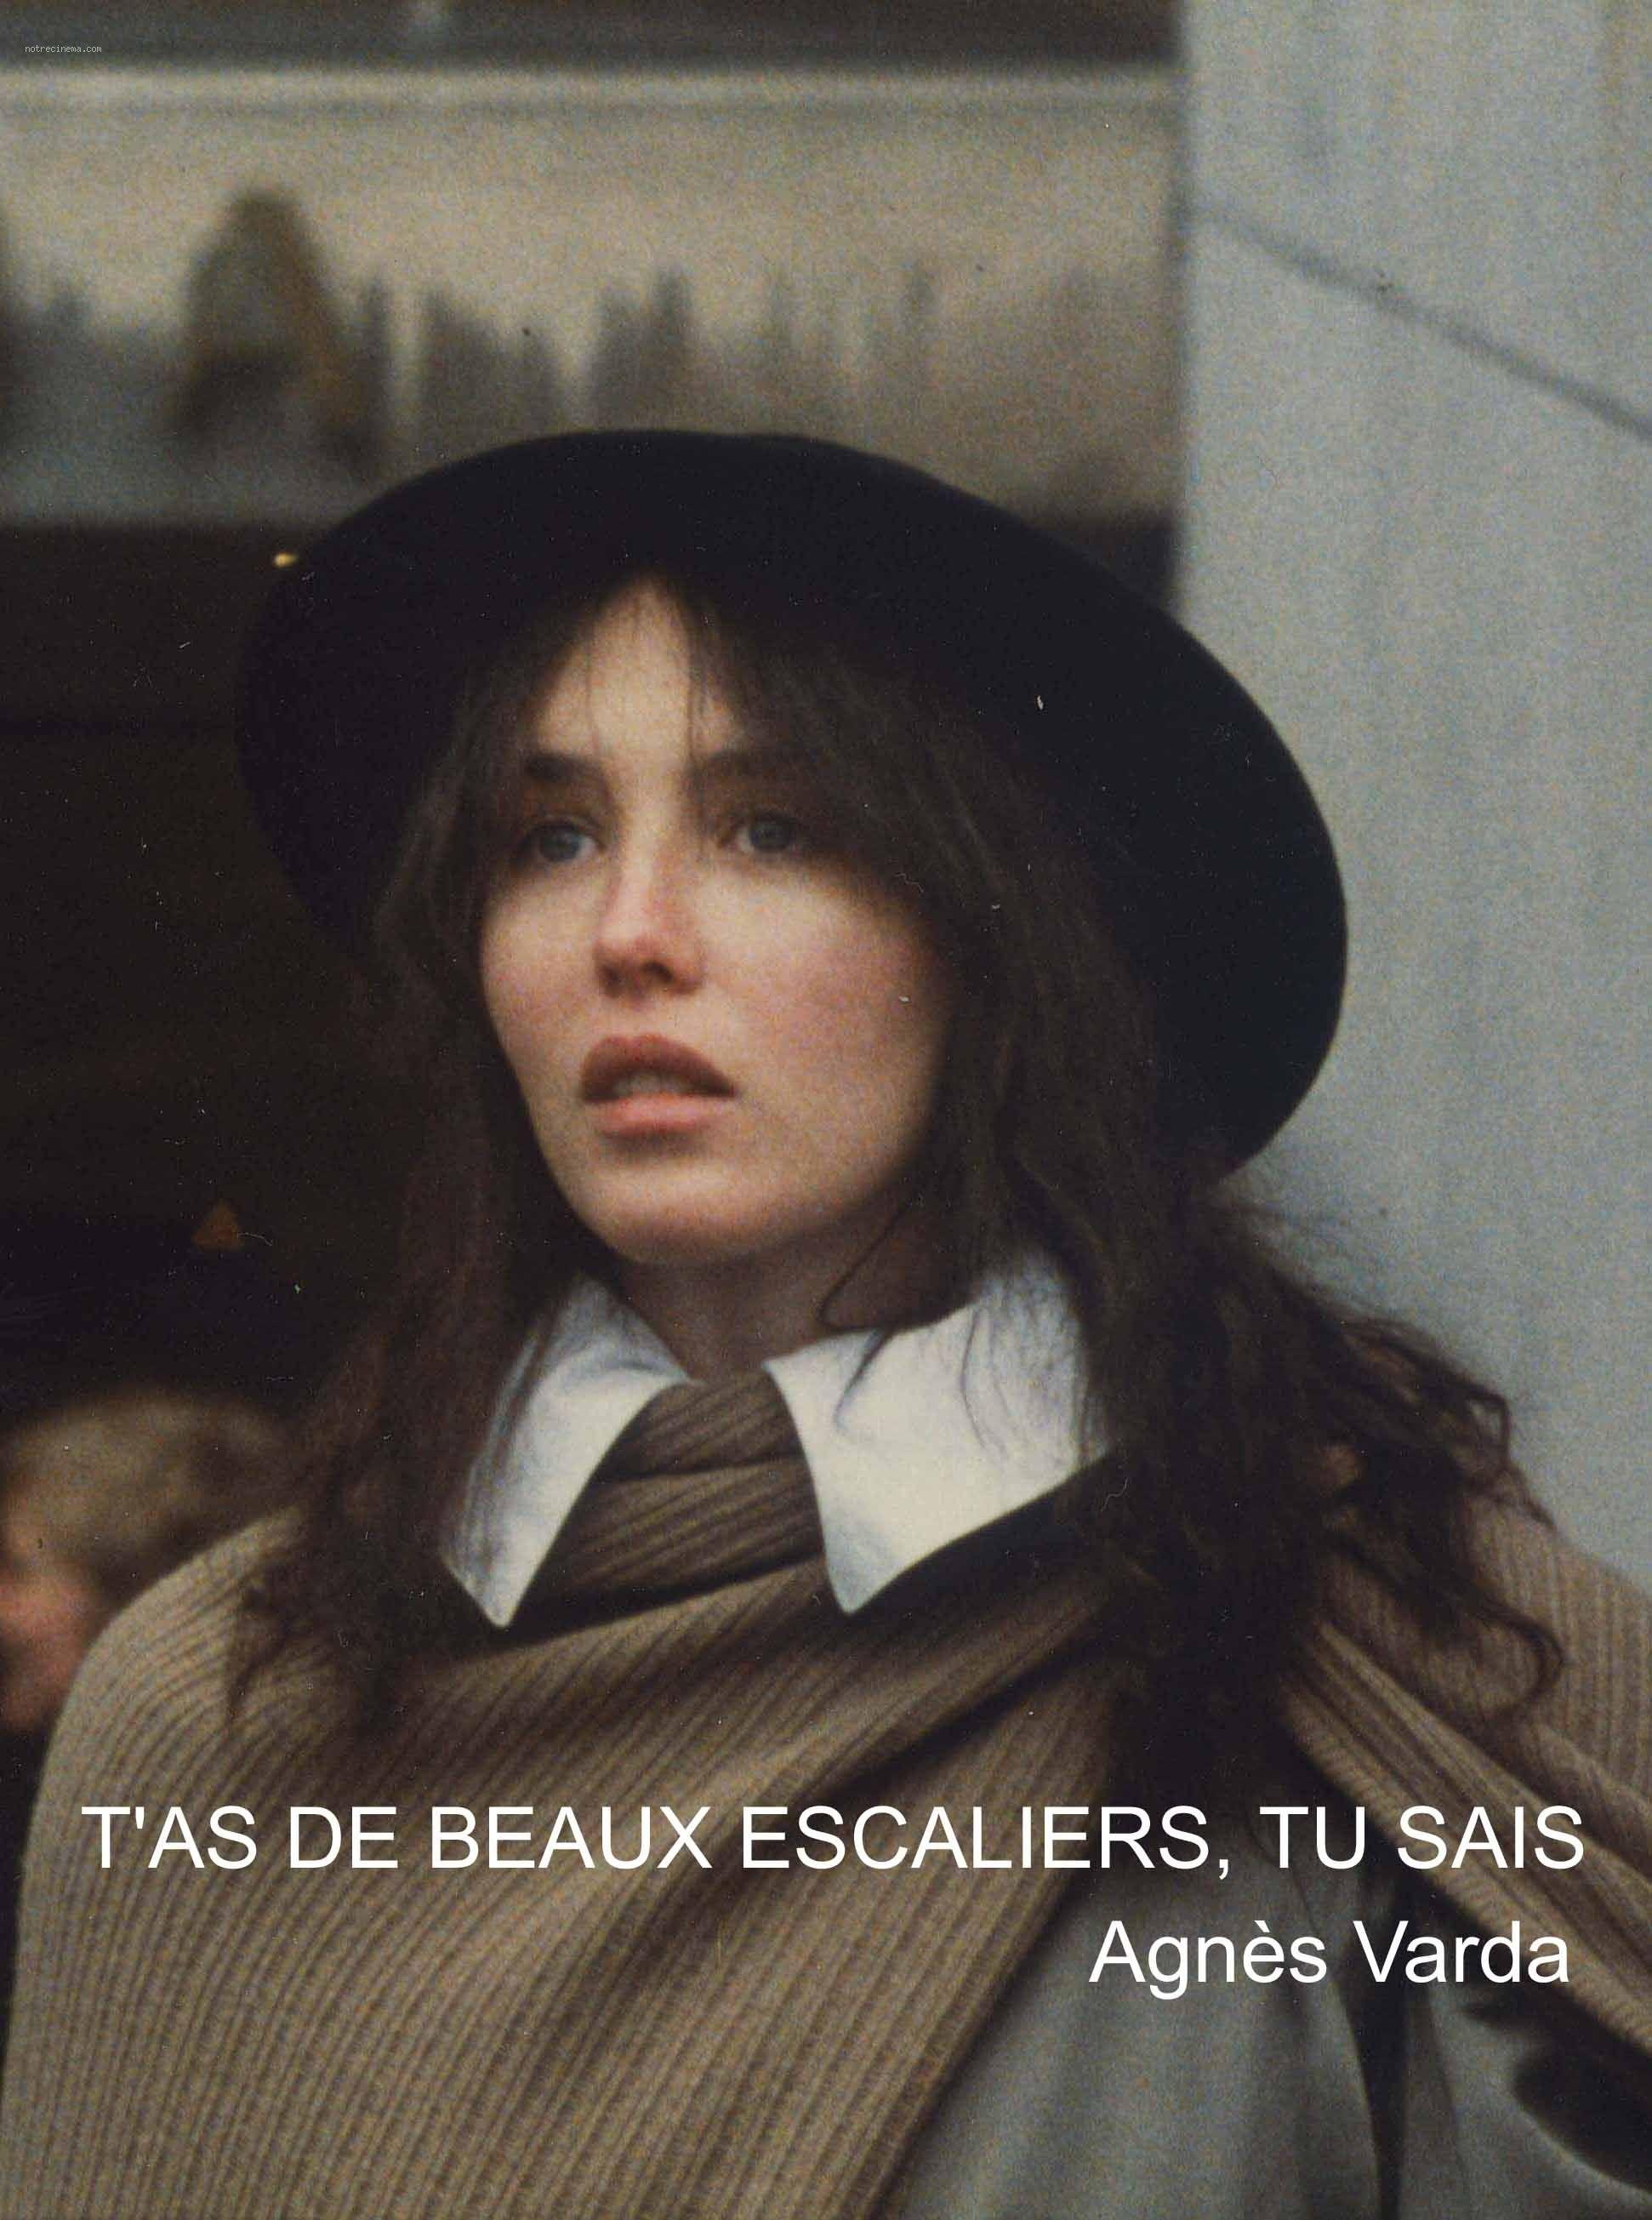 Votre dernier film visionné - Page 8 T_as_de_beaux_escaliers_tu_sais